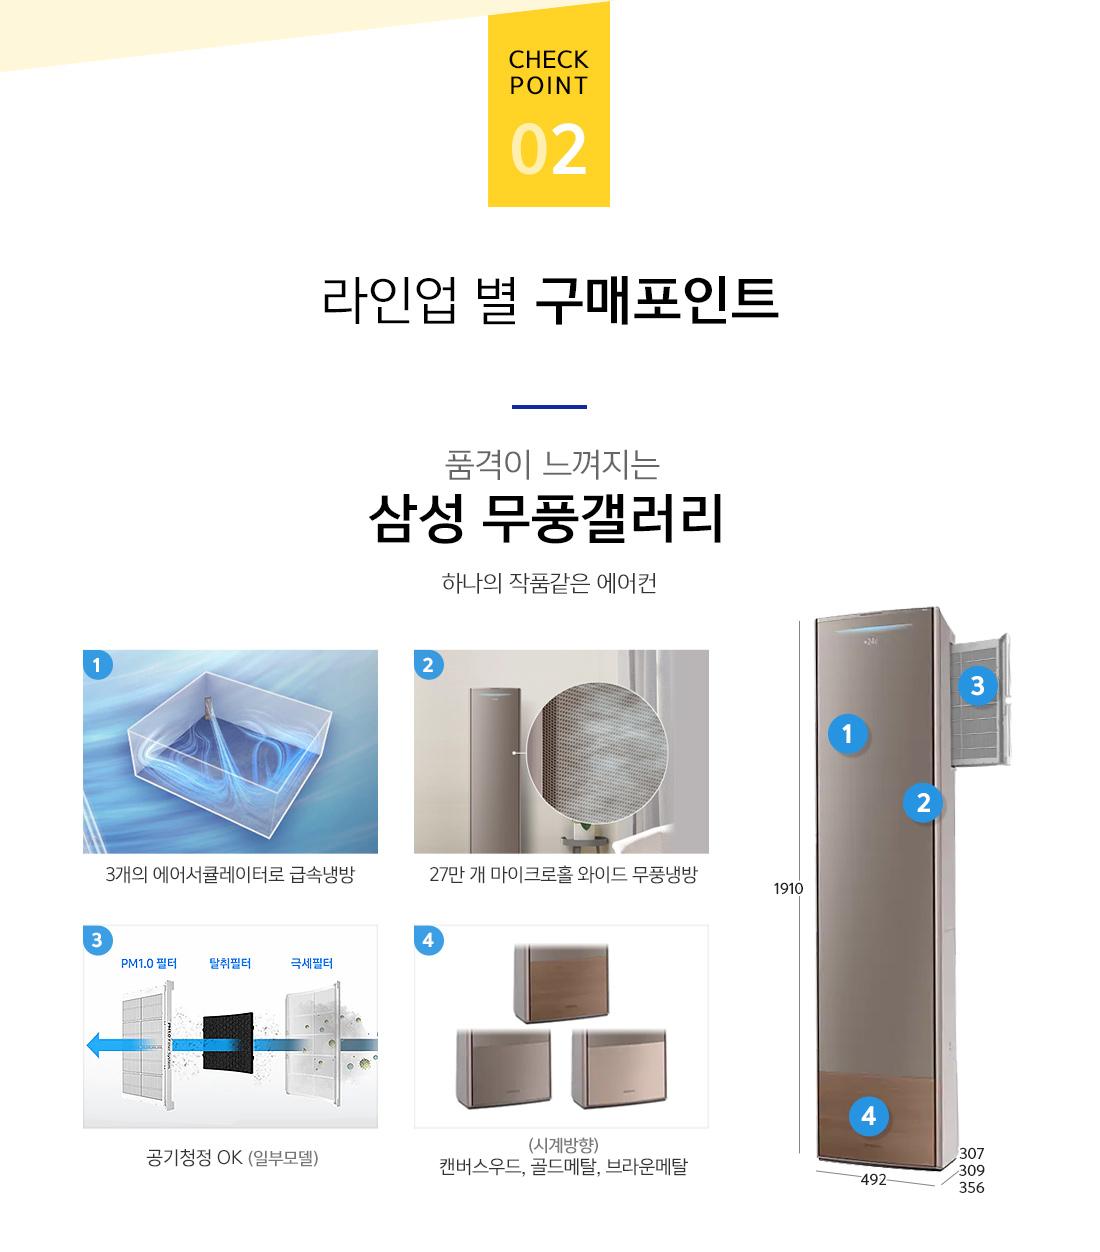 체크포인트2. 라인업 별 구매포인트-19년 무풍 갤러리 최신형